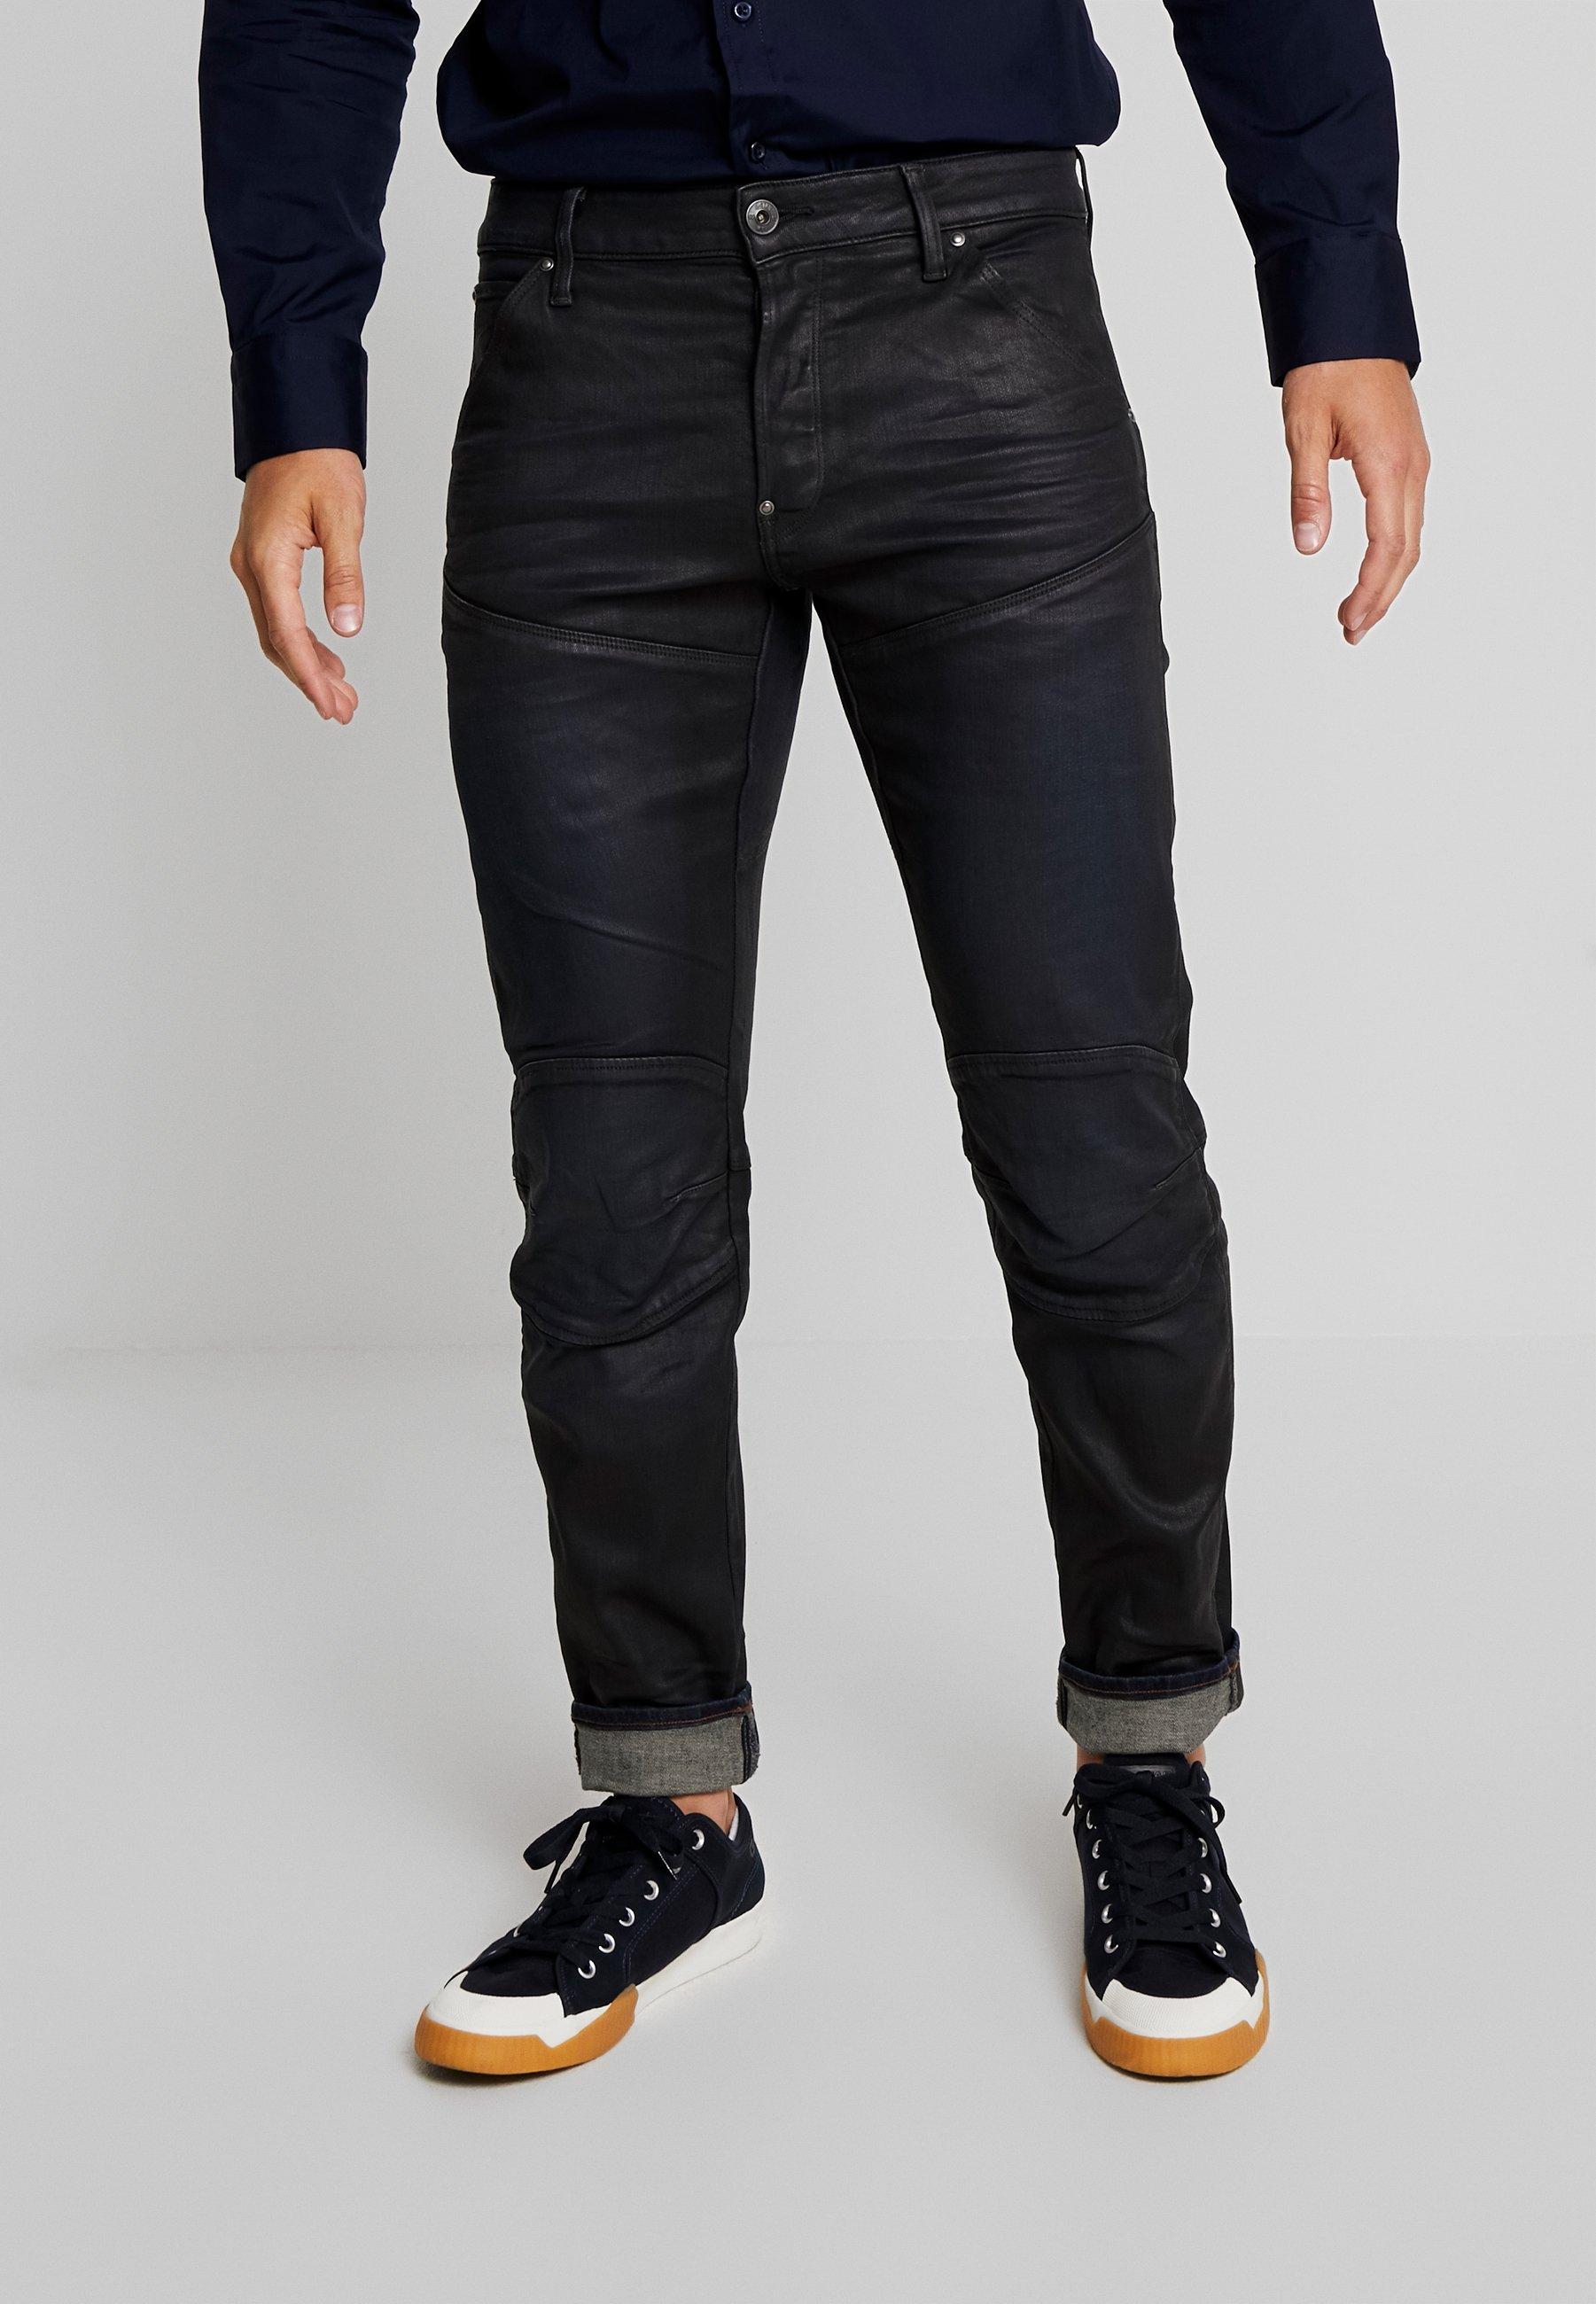 Dry Jean star Cobler Superstretch G SlimElto 4AR35qjL